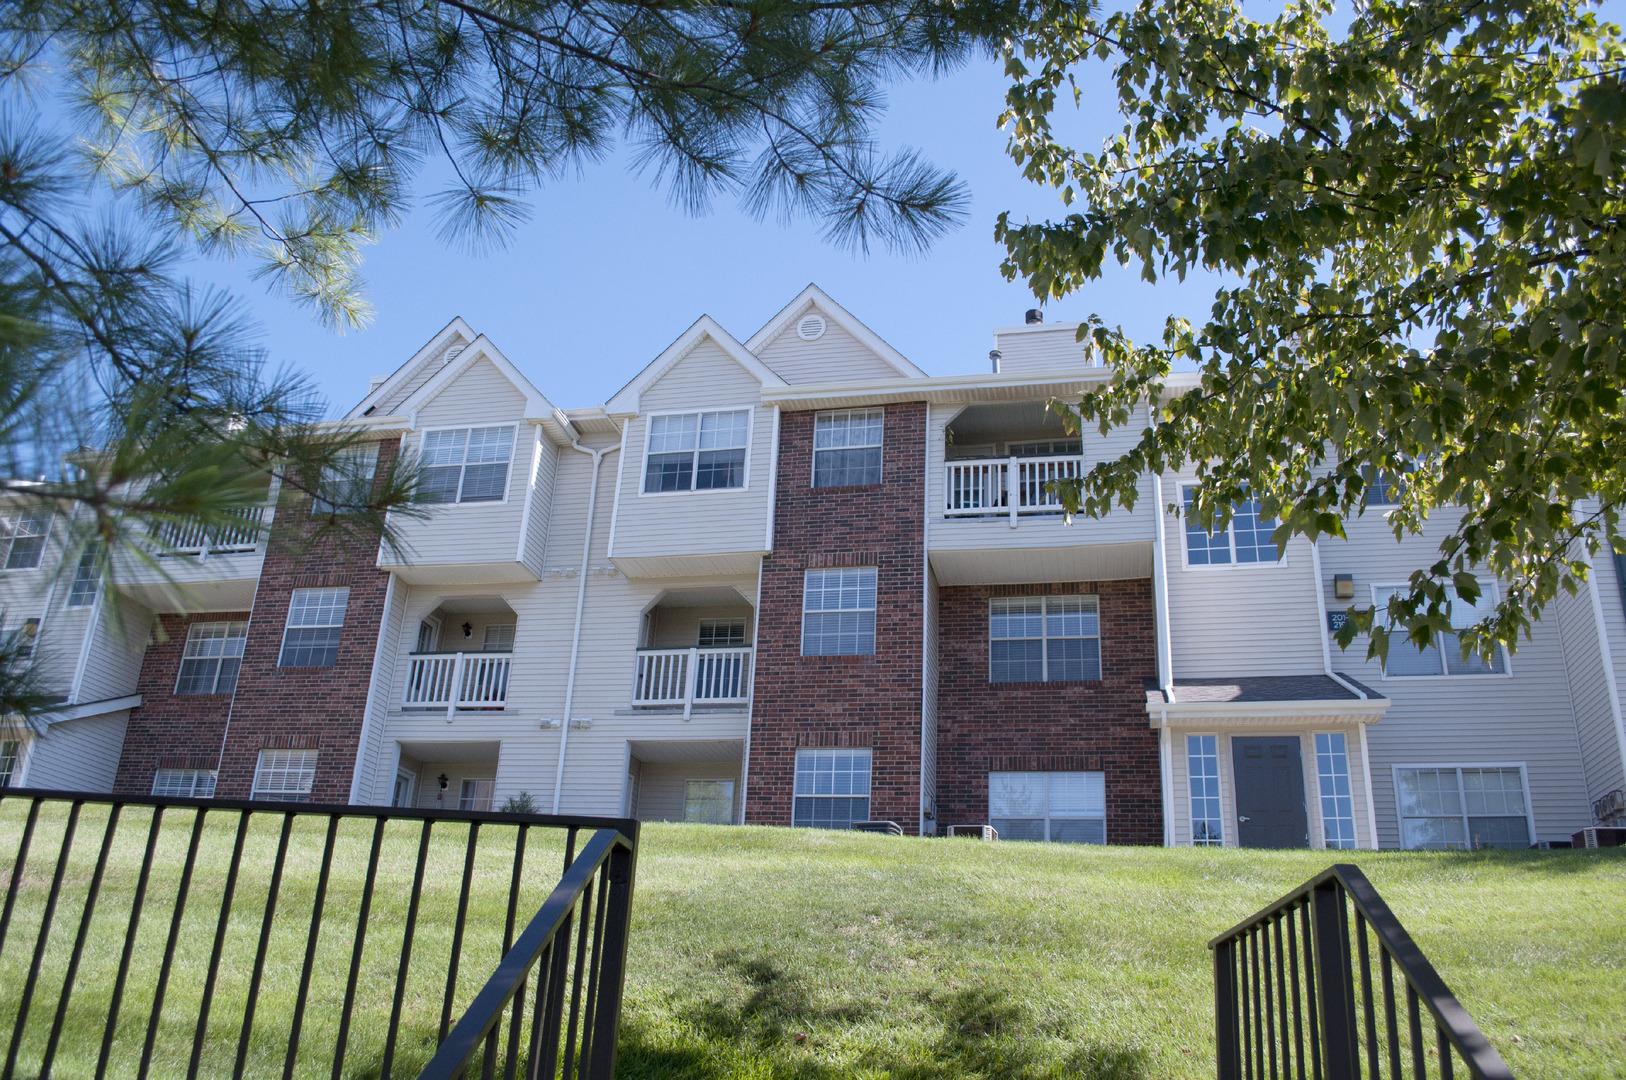 Dover Farms Apartments In North Royalton Ohio